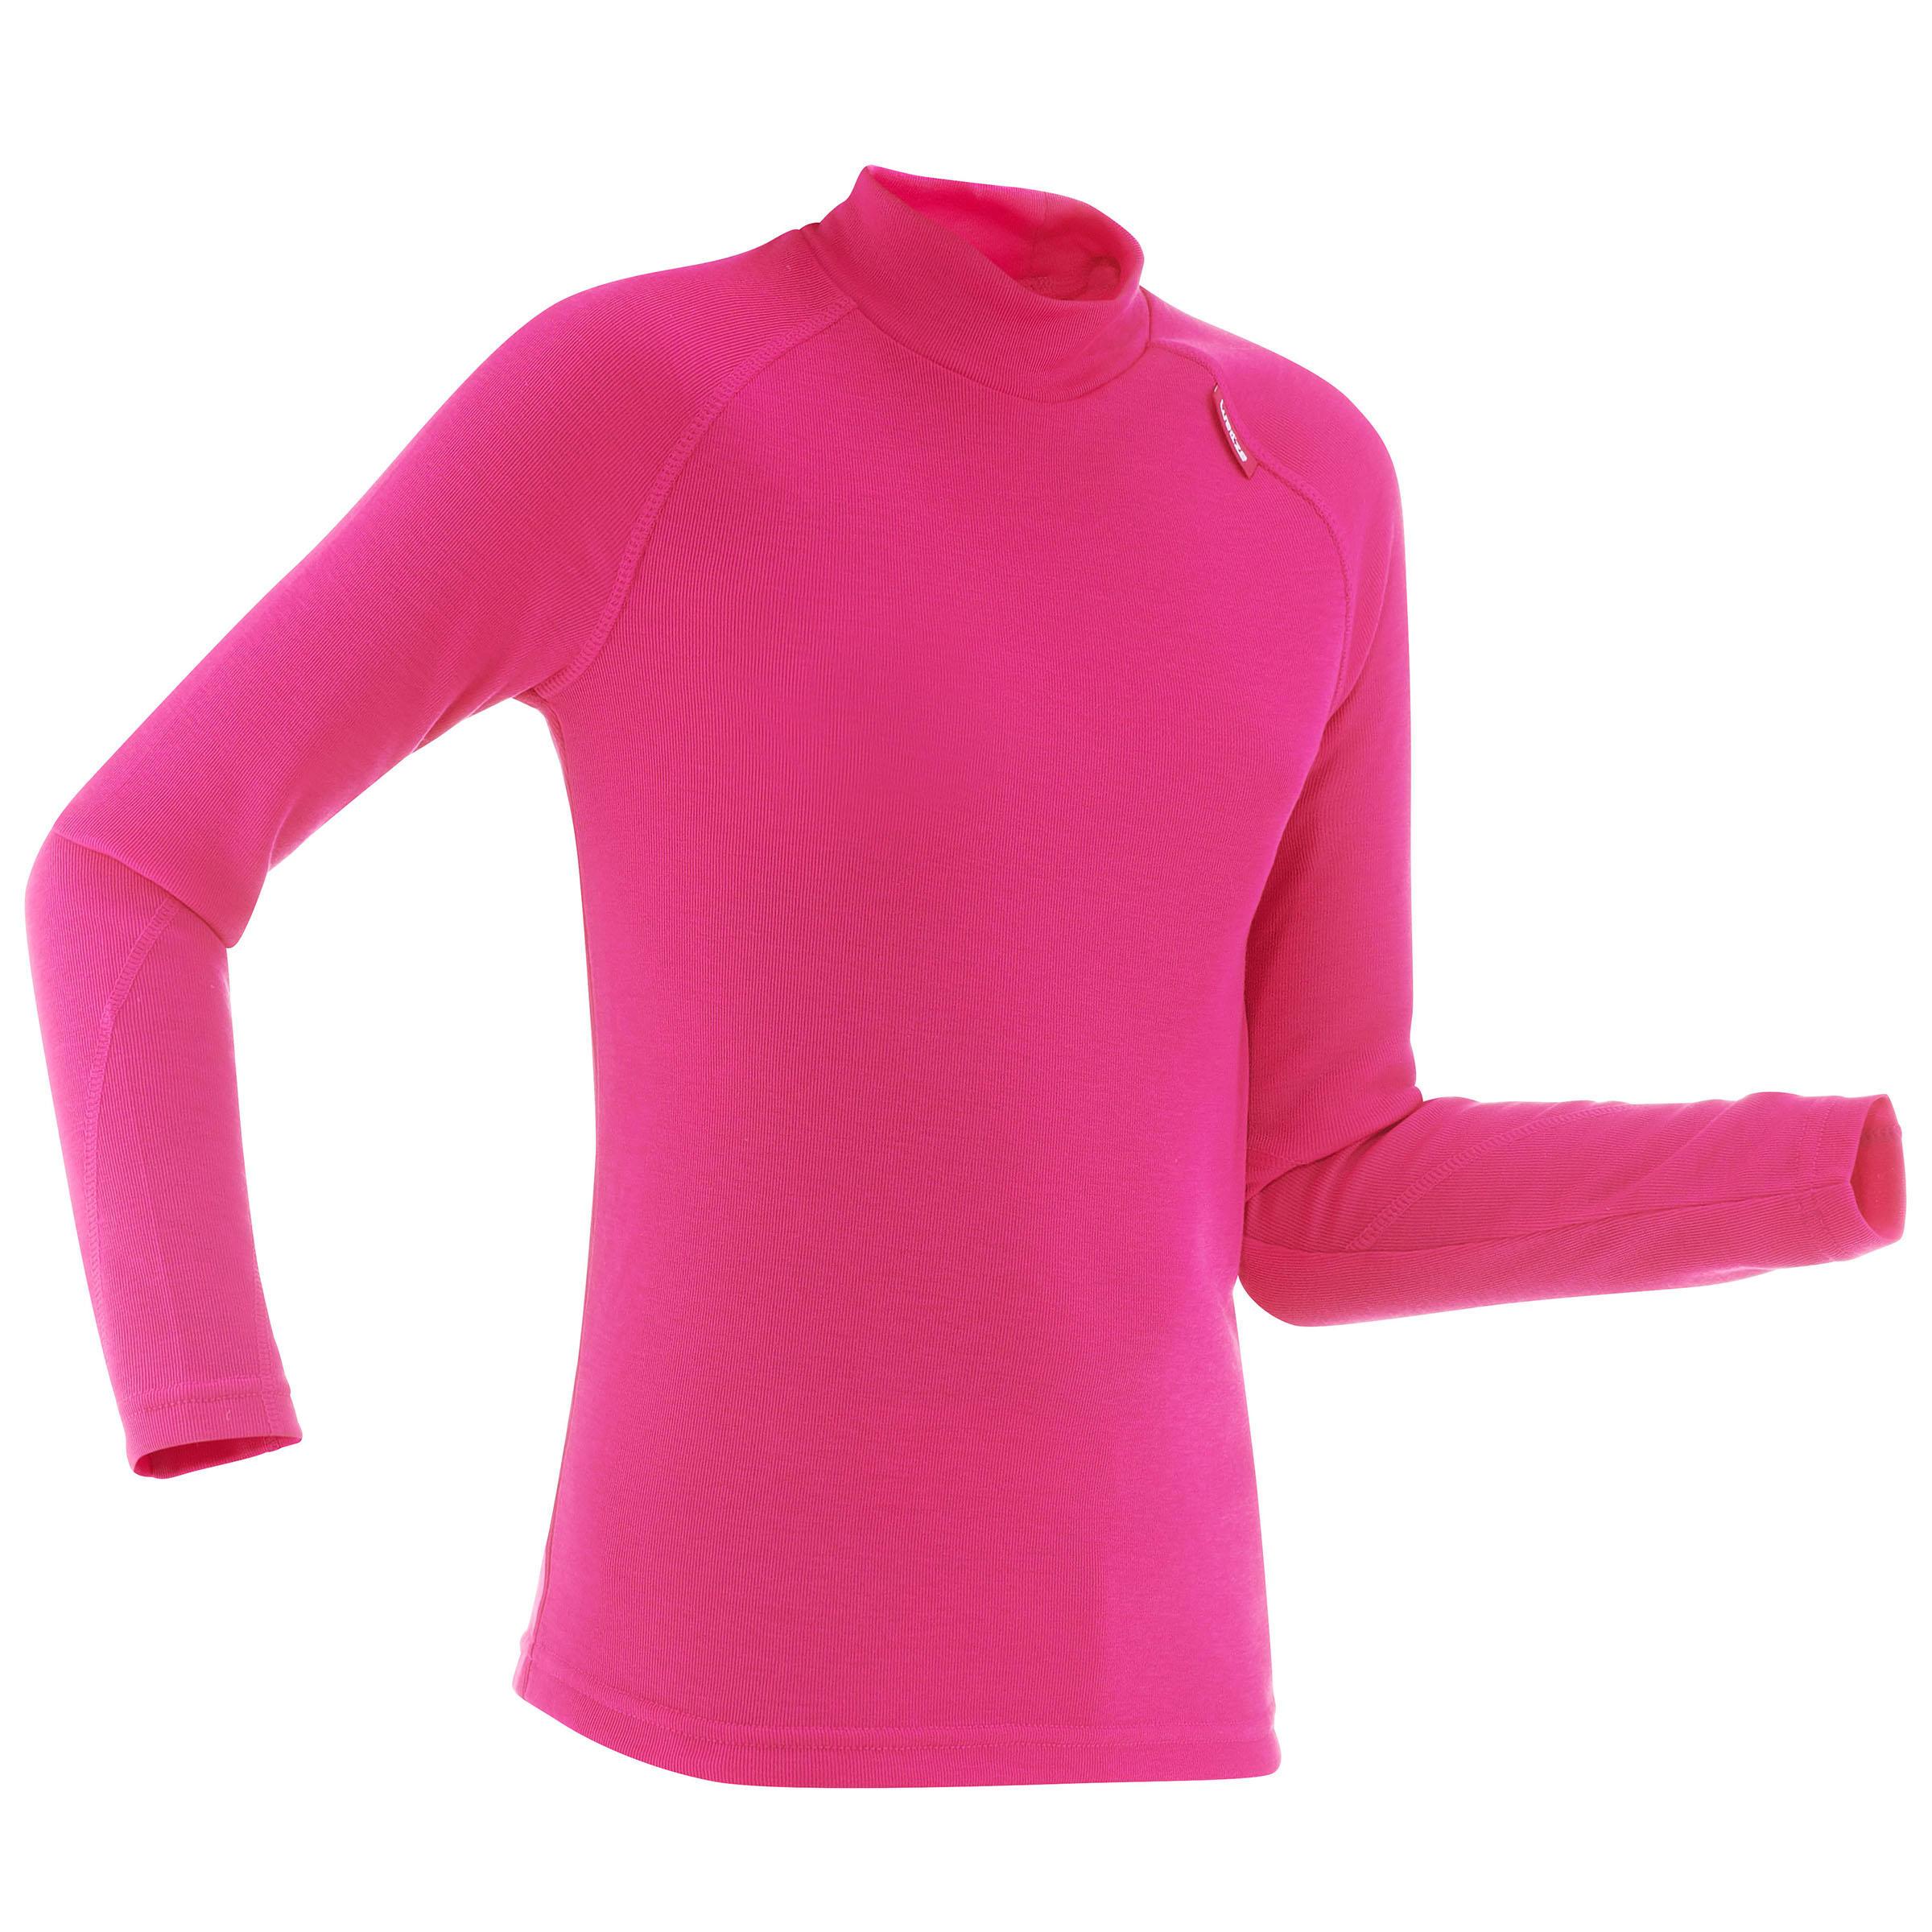 Jungen,  Kinder,  Kinder Wed´ze Skiunterhemd 100 Kinder rosa | 03608449856959